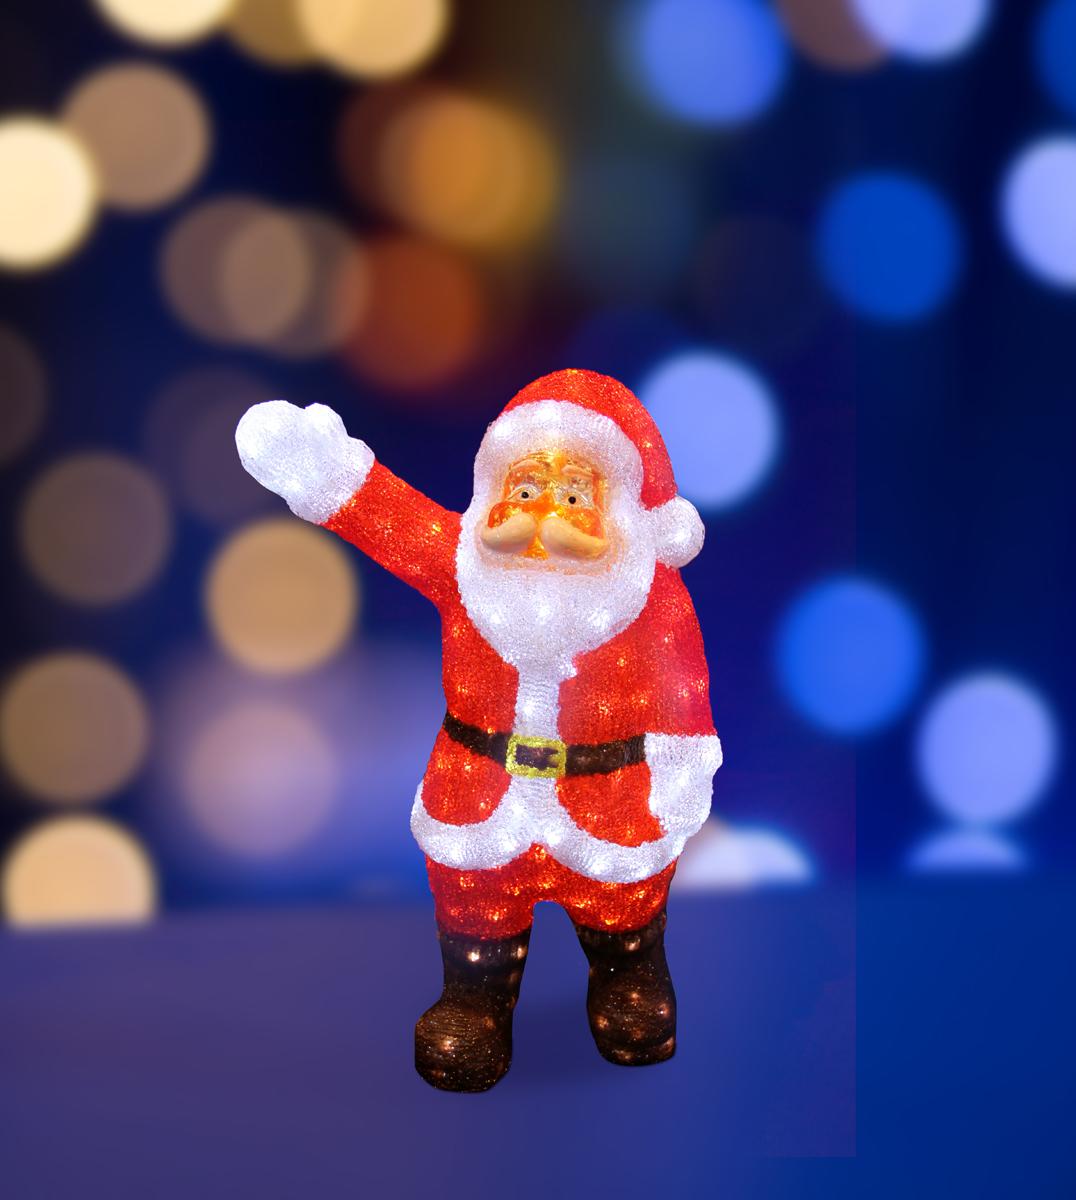 Фигура акриловая светодиодная Neon-Night Санта Клаус приветствует, 200 LED, с понижающим трансформатором, 60 см513-272Акриловые фигуры за несколько лет вызвали большой интерес у дизайнеров и частных клиентов. С каждым годом расширяется не только ассортимент акриловых фигур, но и появляются новые технологии нанесения акрила. Эти яркие, светящиеся объемные фигуры, состоящие из металлического каркаса, акрила и светодиодов, применяются для оформления и создания новогодней атмосферы в кафе, ресторанах, торговых центрах, магазинах, на площадях и перед входом, а также просто в частных домах и квартирах. Все фигуры укомплектованы понижающим трансформатором , что обеспечивает безопасность при контактировании, а так же имеют степень защиты IP 44, что позволяет использовать их как в помещении, так и на улице. Акриловая светодиодная фигура Санта Клаус приветствует высотой 60 см, светящаяся более чем 200 ярких диодов, выполнена по специальной технологии нанесения акрила имитируя шерстяной покров реального животного. Она позволит Вам создать ту самую, настояющую новогоднюю атмосферу и принести сотни радостных улыбок.